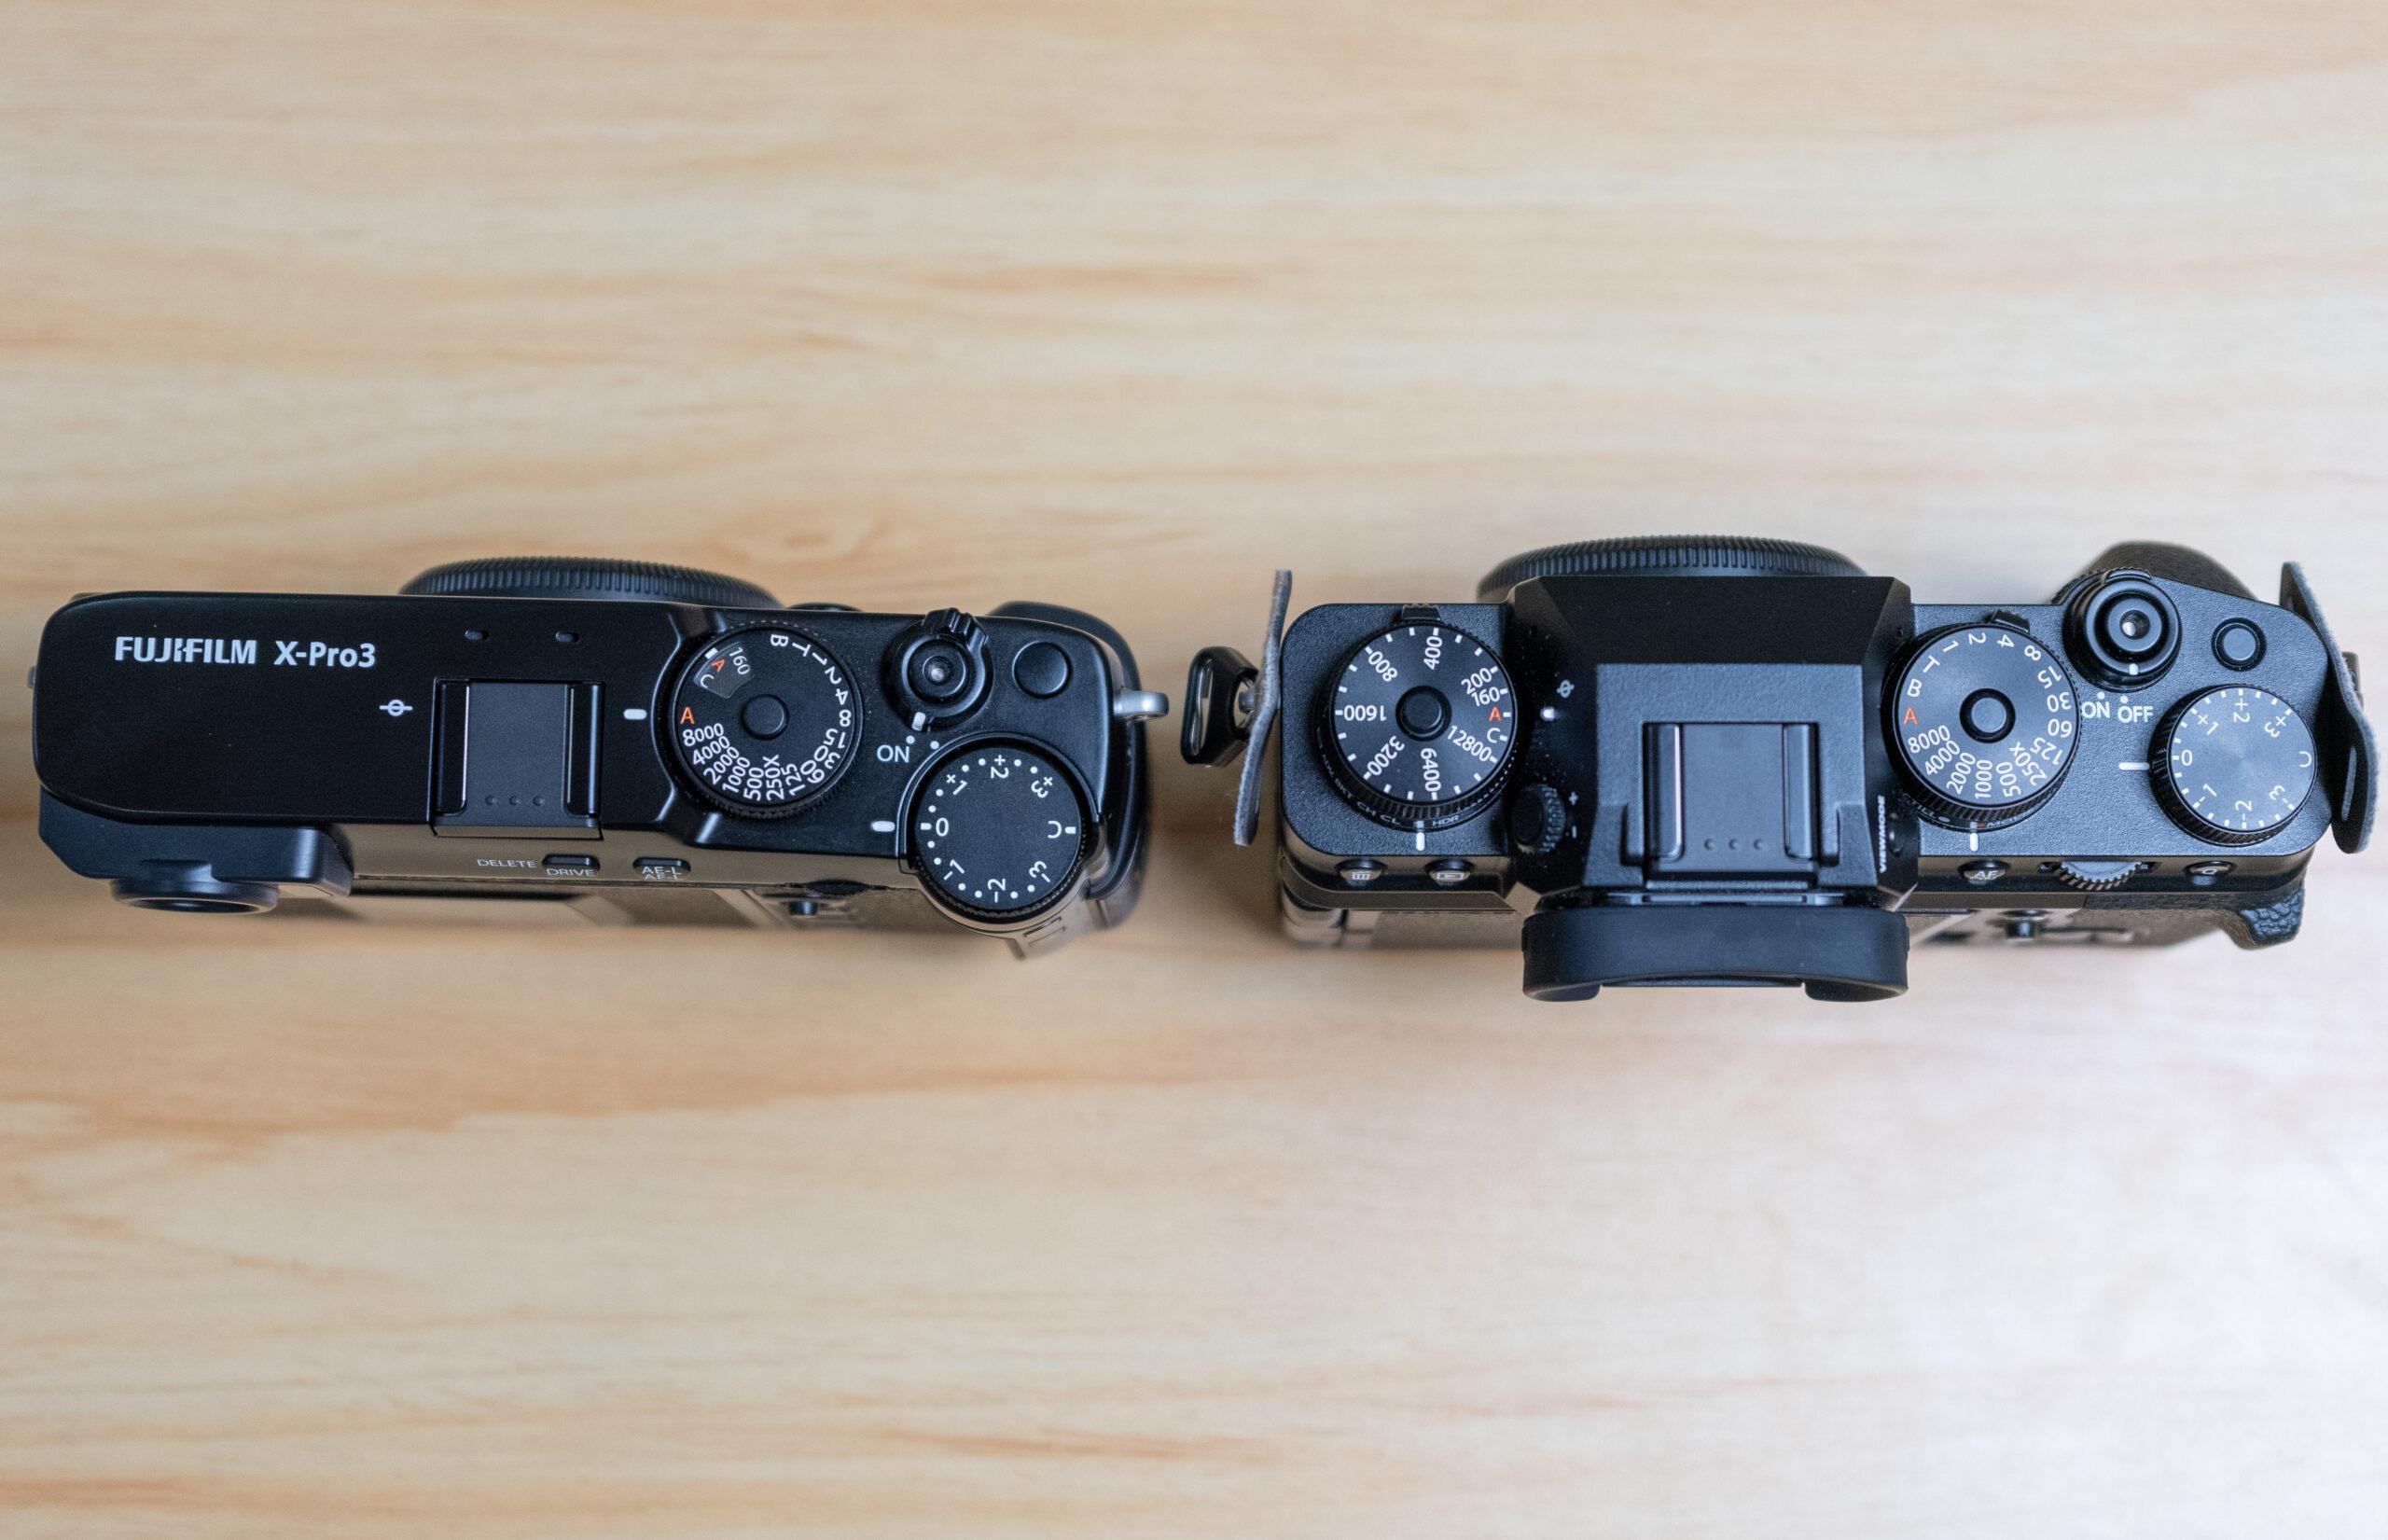 fuji xt4 vs x pro 3 image